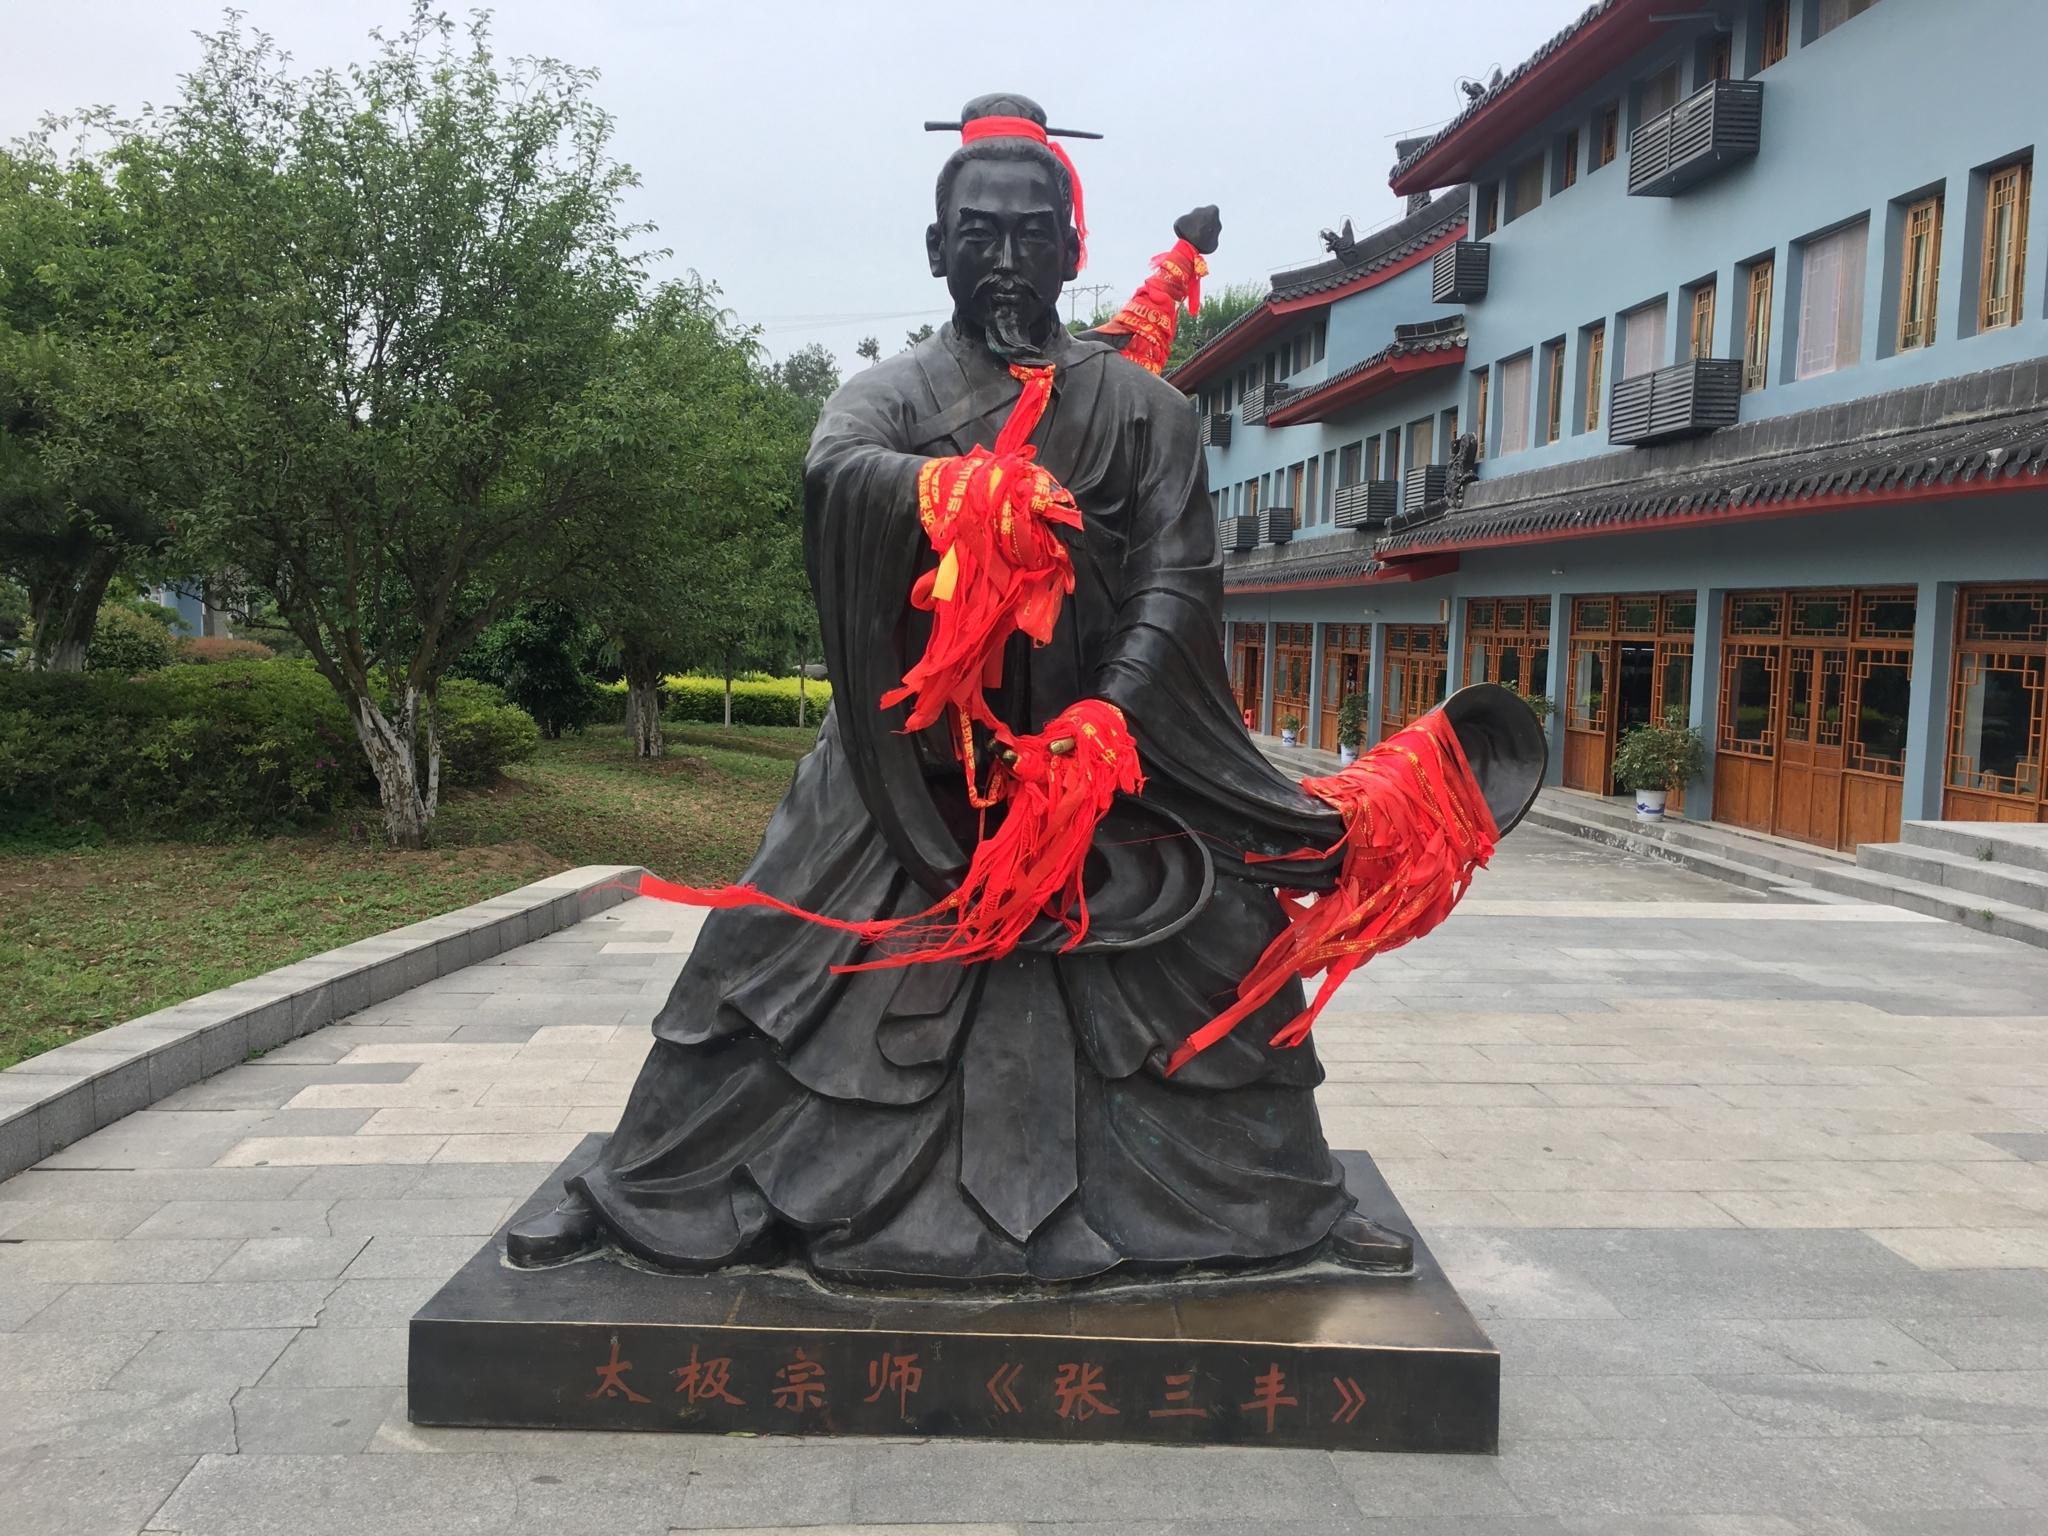 武当派の開祖、張三豊